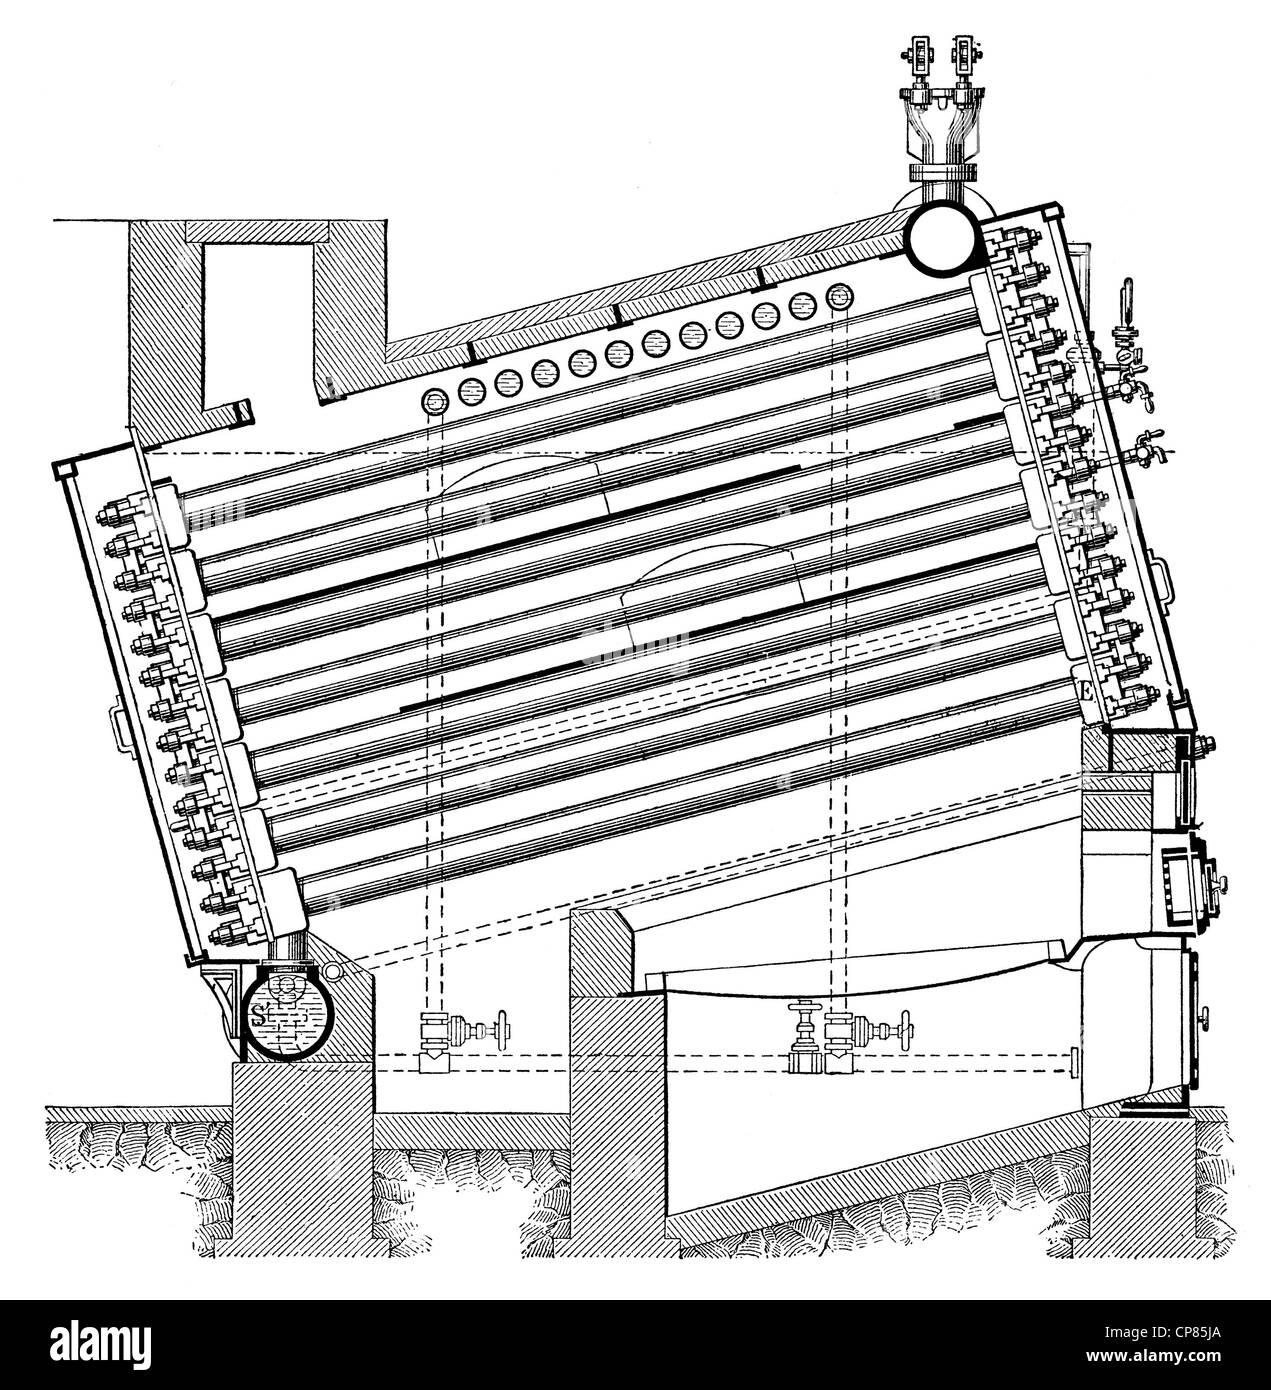 Nett Dampfkessel Prozess Ideen - Der Schaltplan - triangre.info